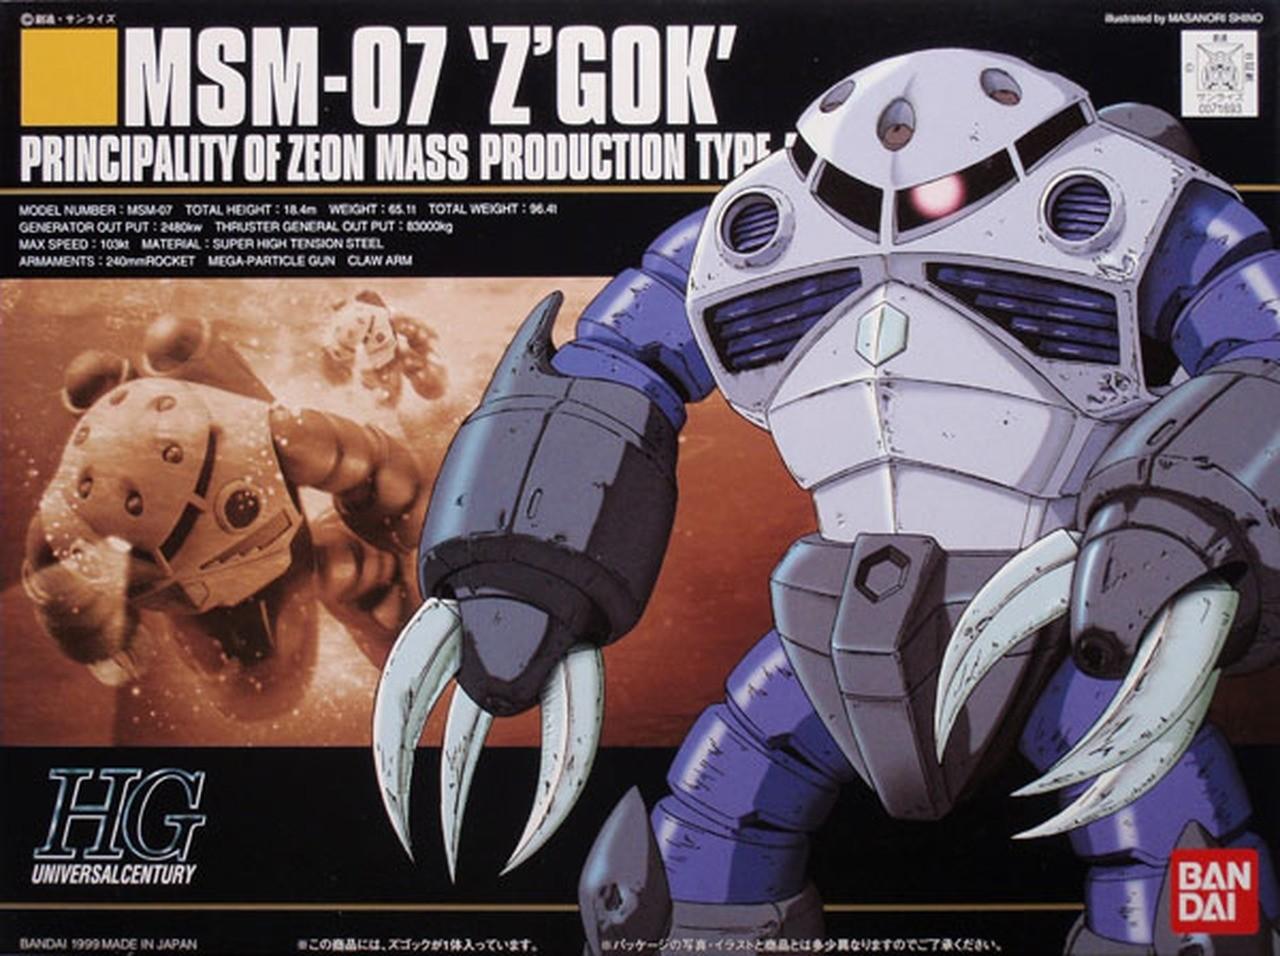 HGUC MSM-07 'Z'GOK' 1/144 - GUNPLA